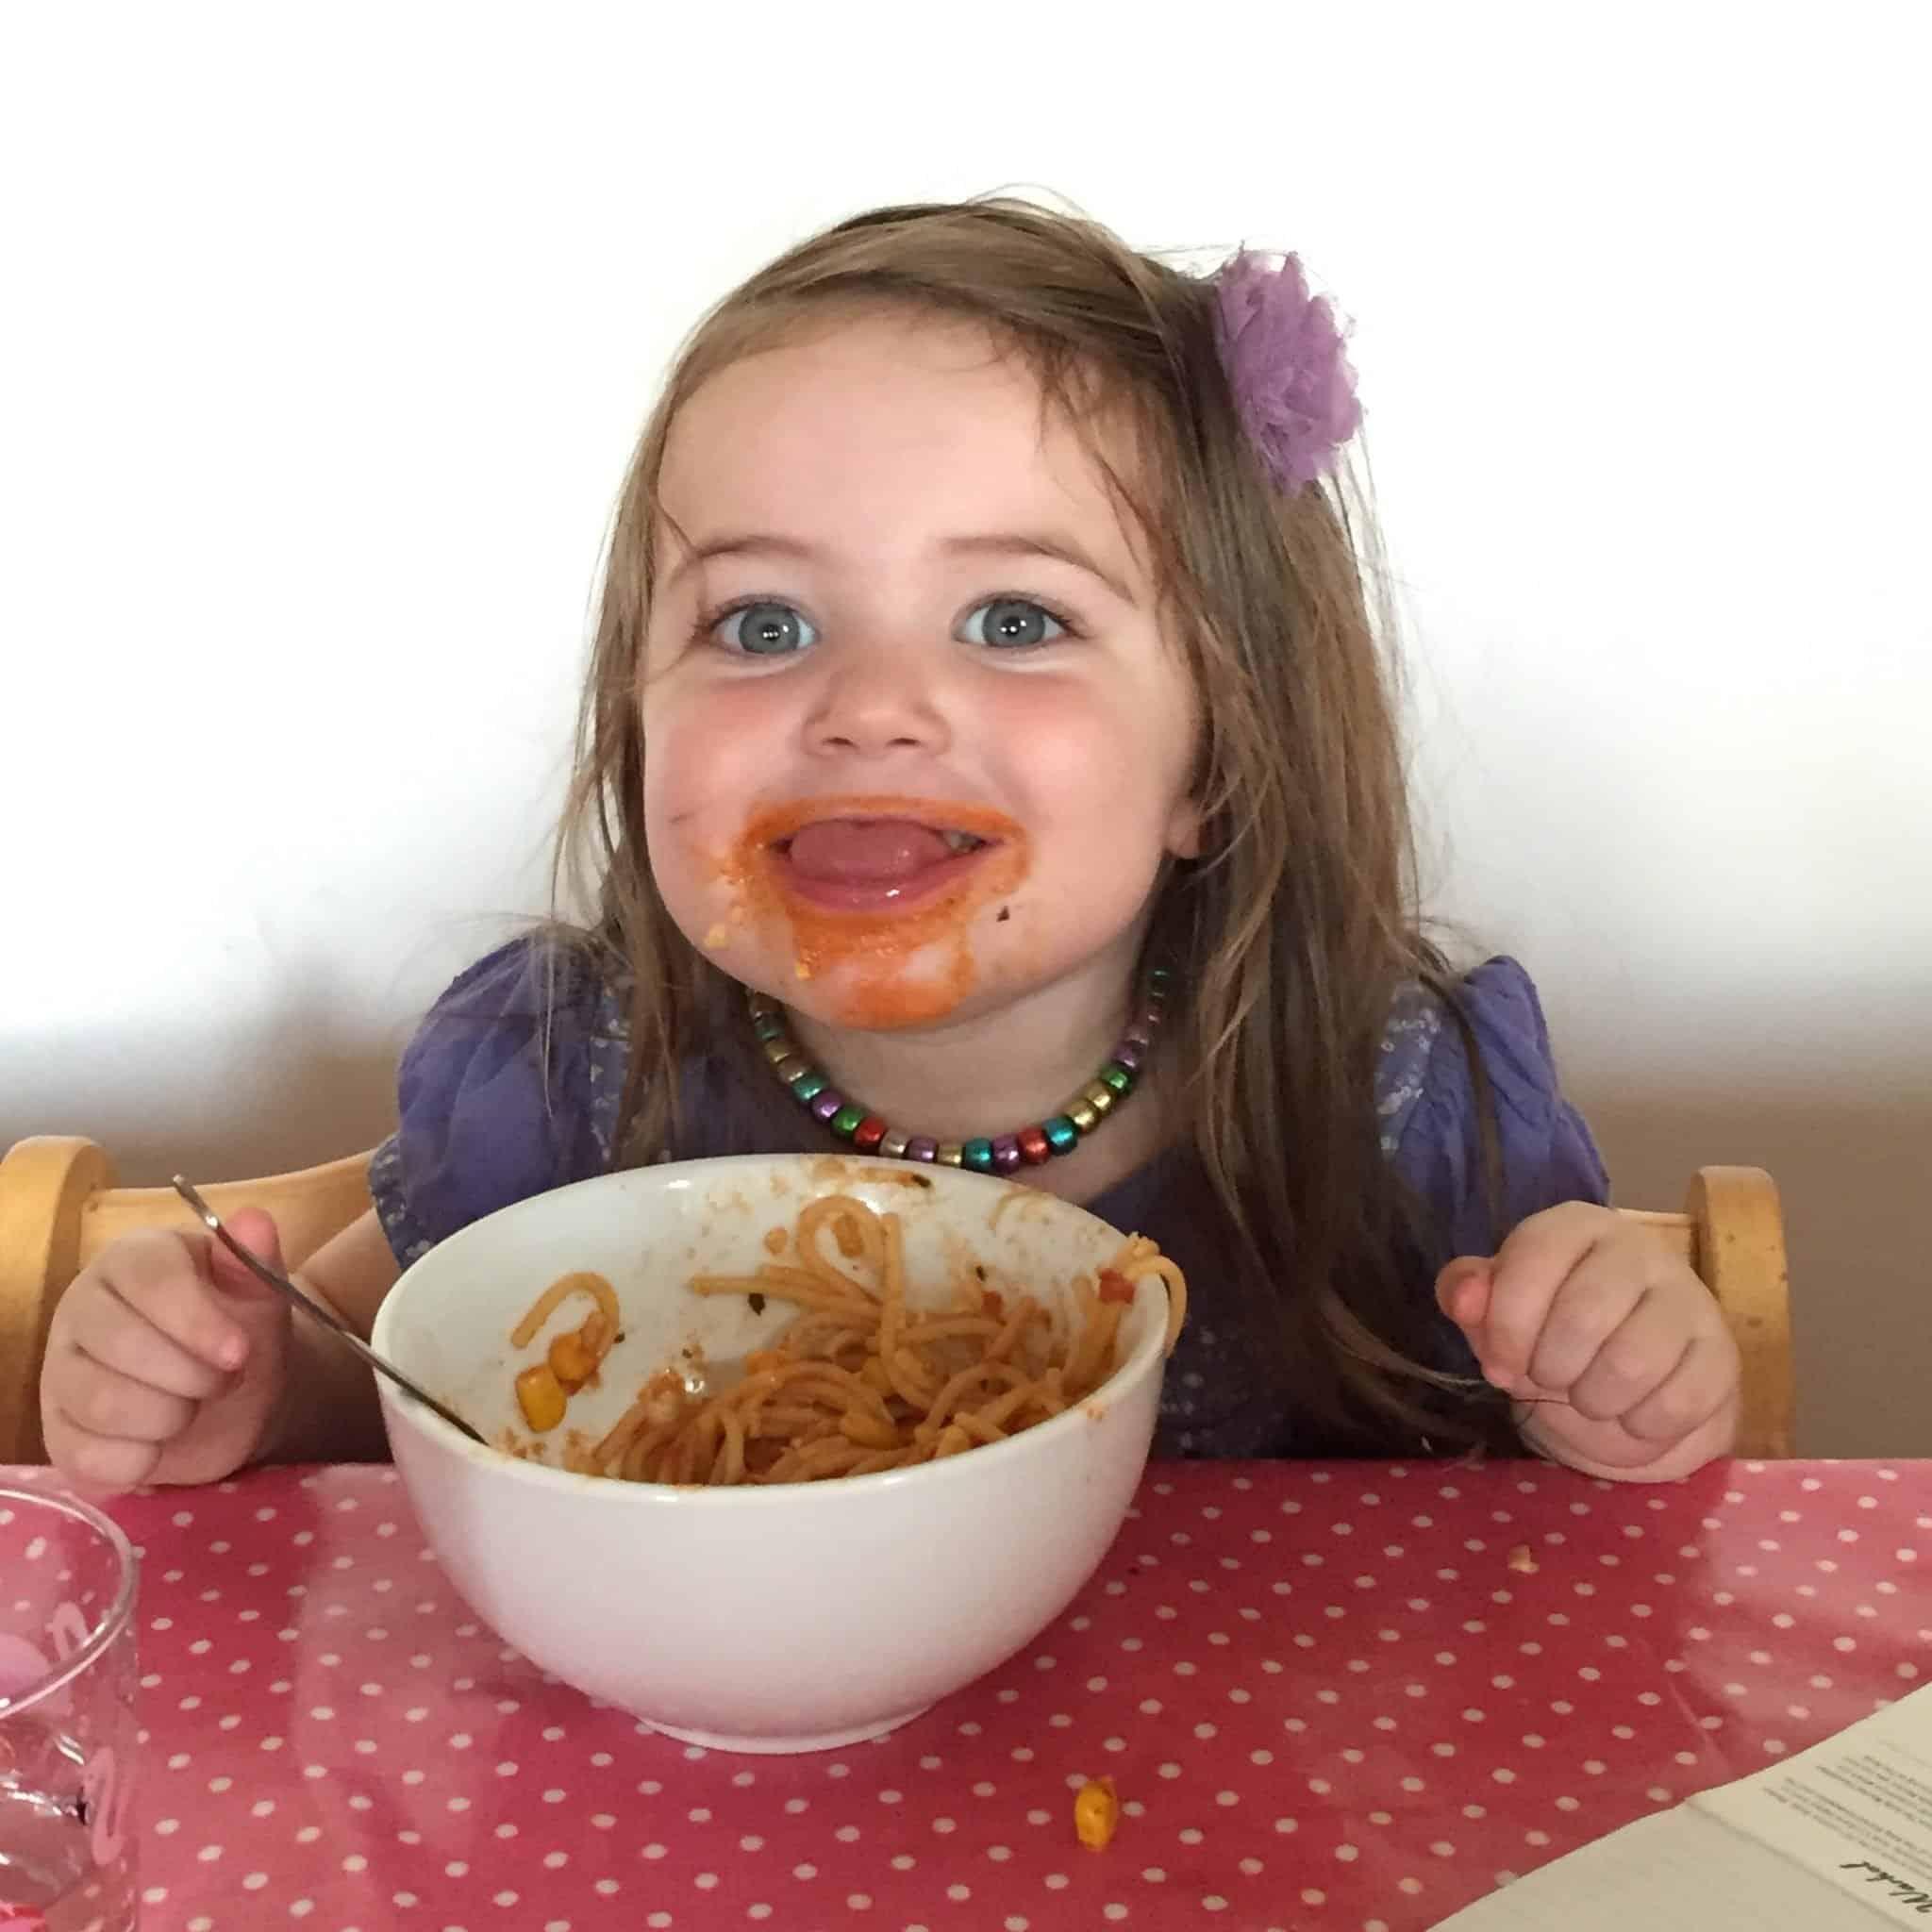 Thea enjoying spaghetti